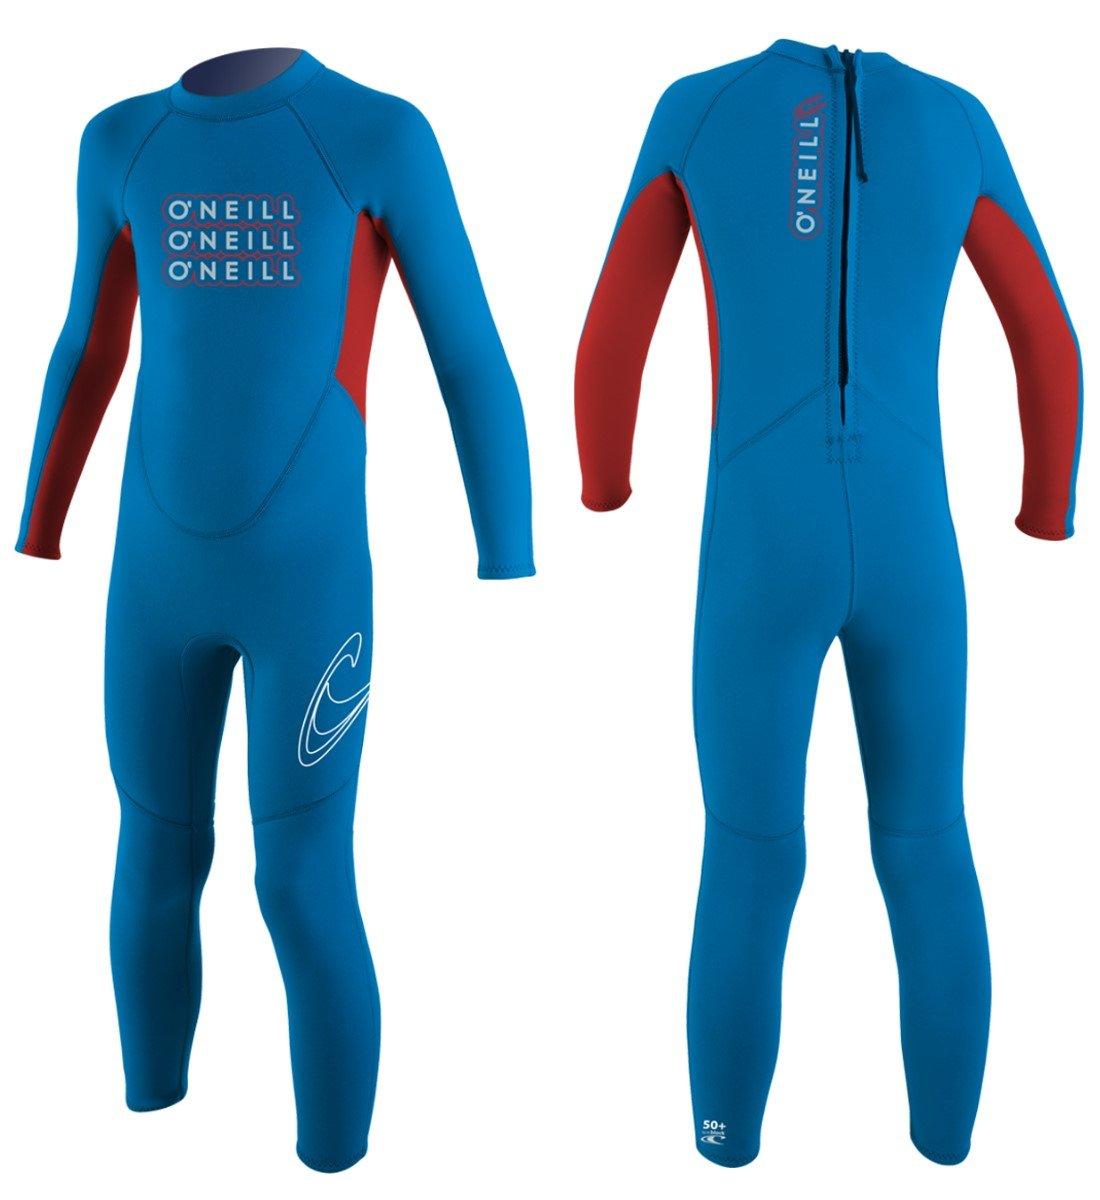 Sport Weiterer Wassersport O'Neill Full Suit Toddler Reactor Kinder Neopren Neoprenanzug Schwimmanzug blue